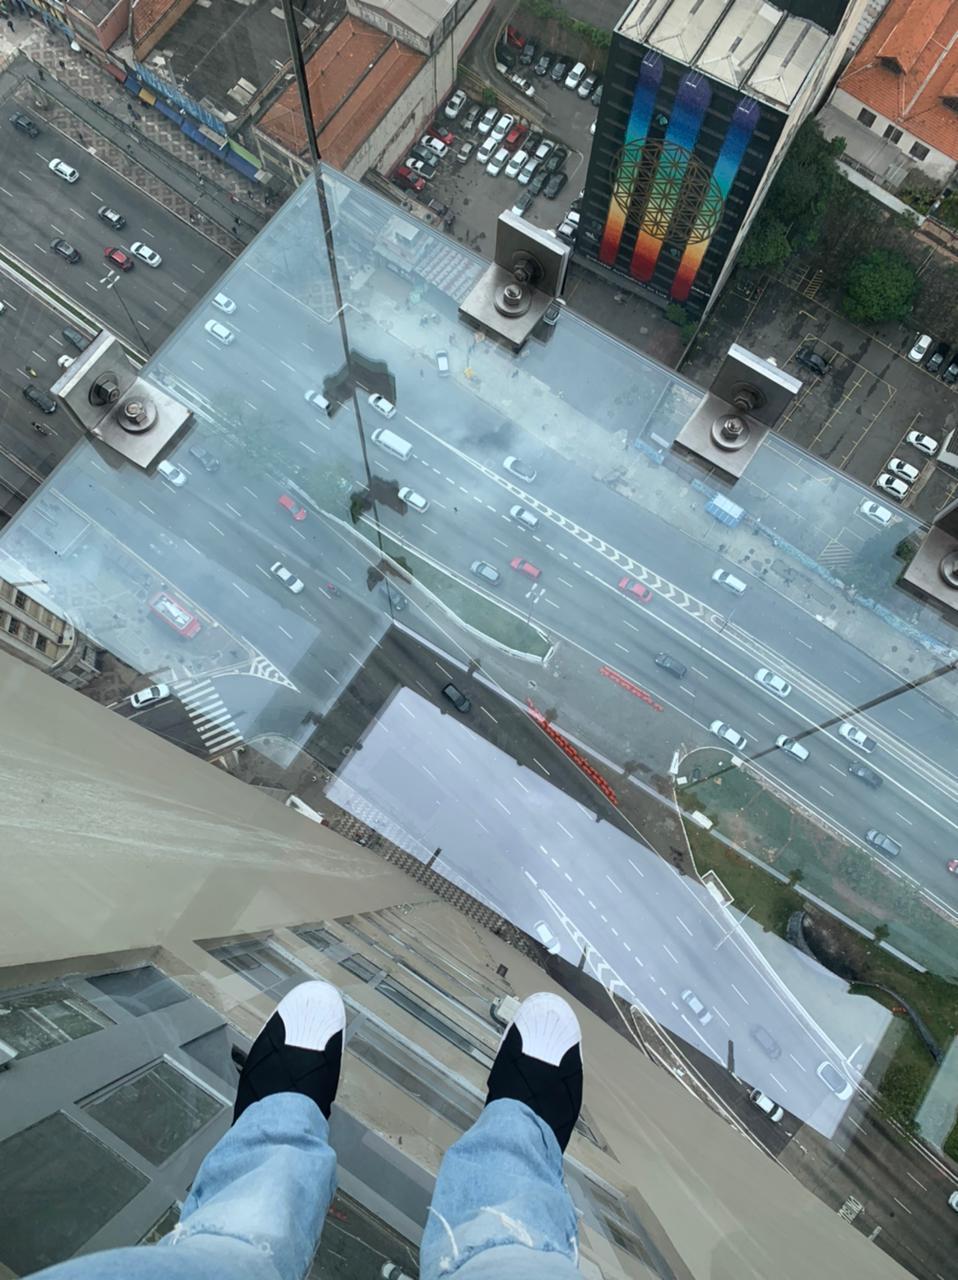 Foto mostra dois pés no chão de vidro de um mirante. Lá embaixo, aparece a cidade na região do Centro.